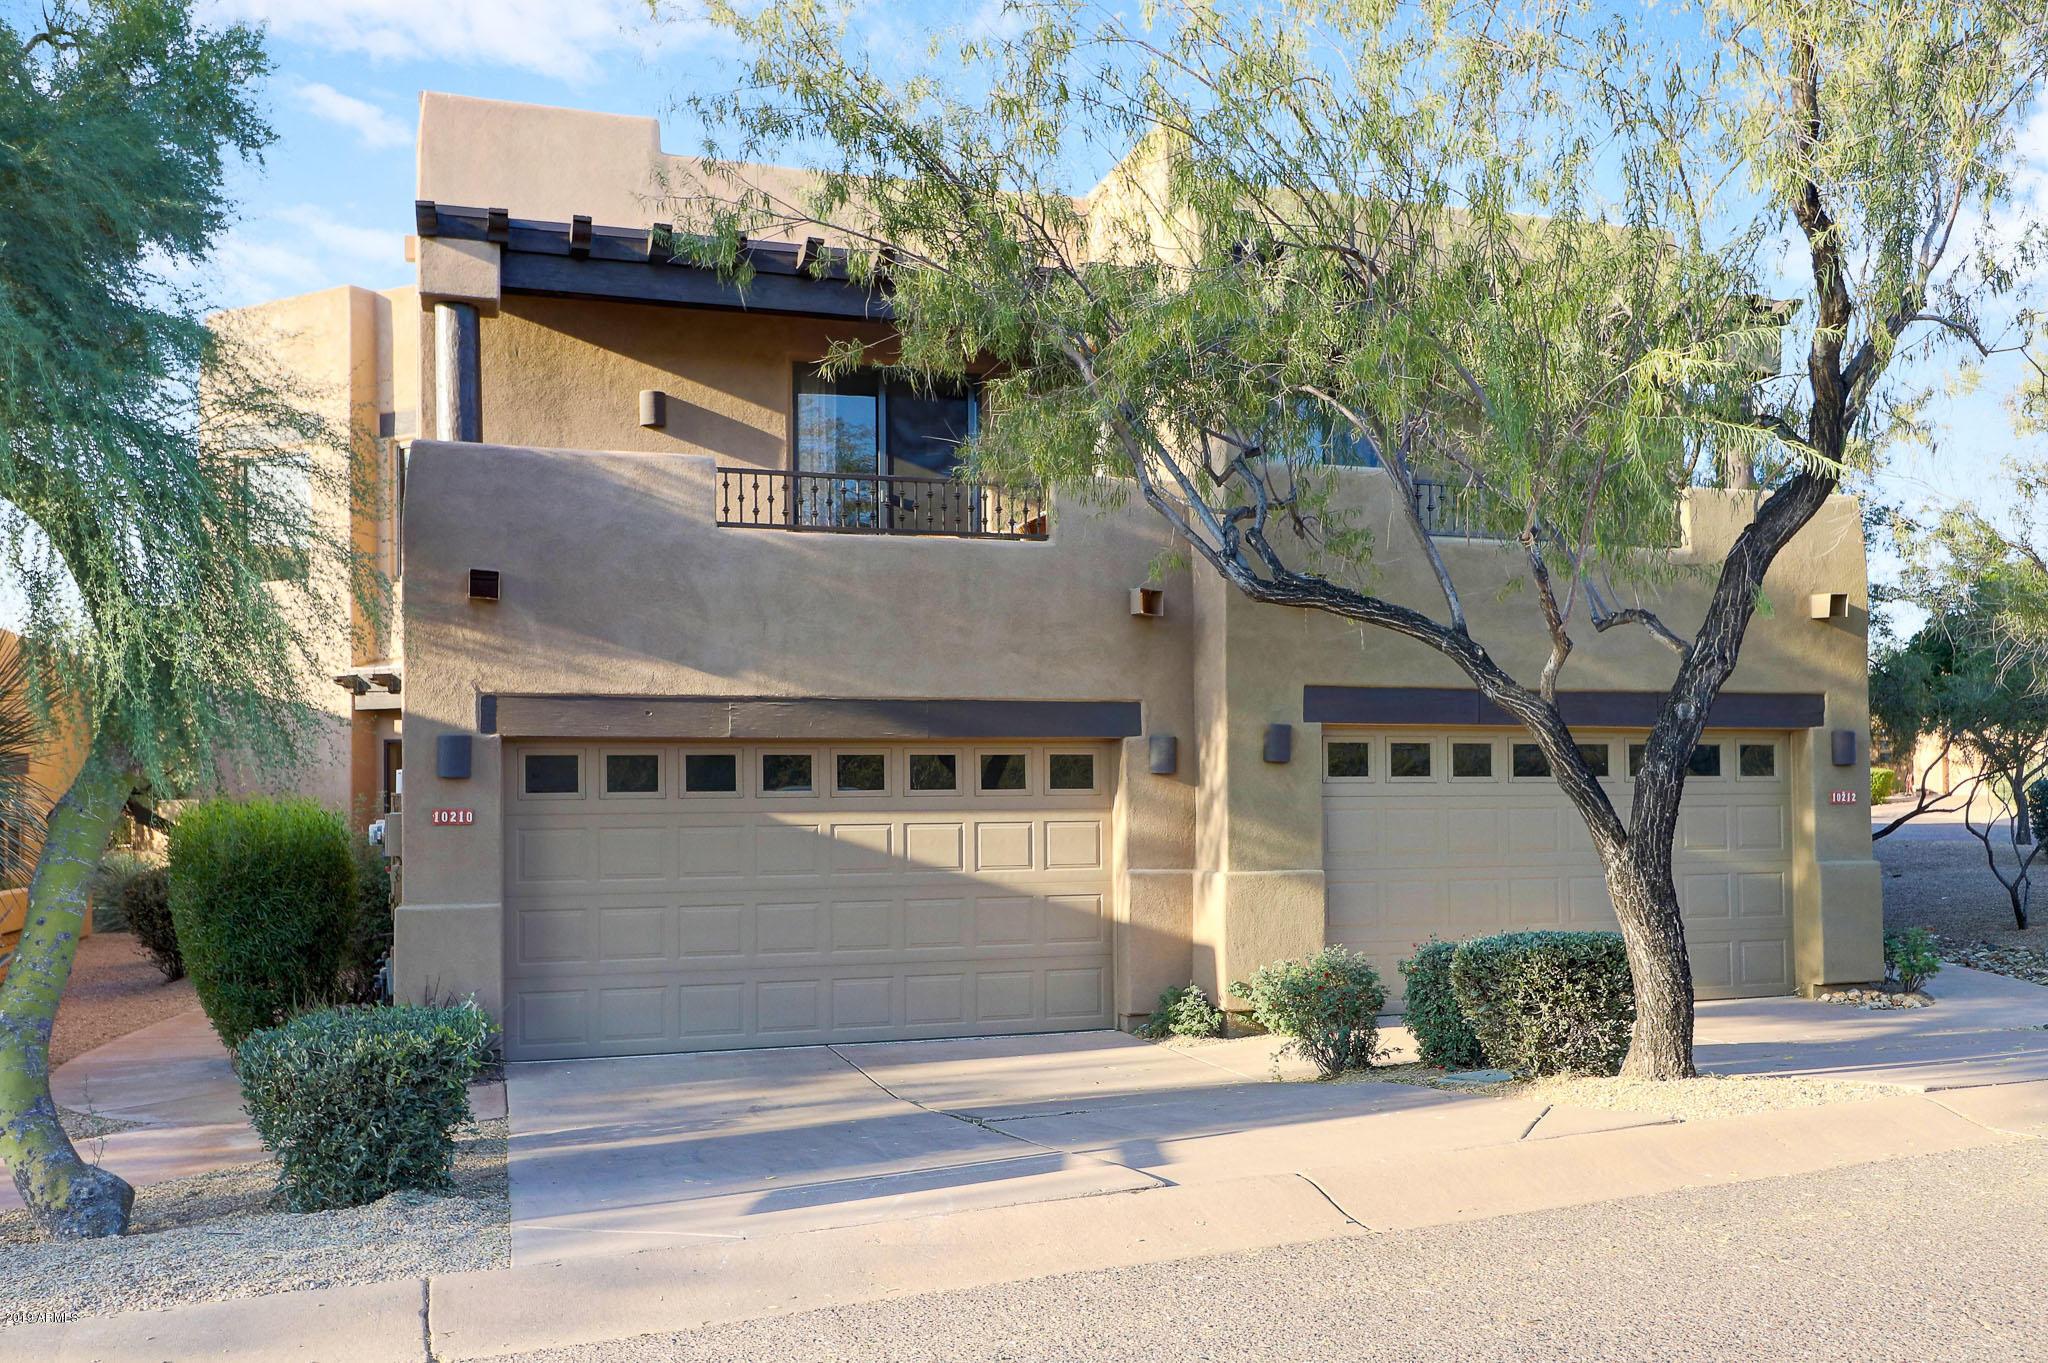 Photo of 10210 E WHITE FEATHER Lane, Scottsdale, AZ 85262